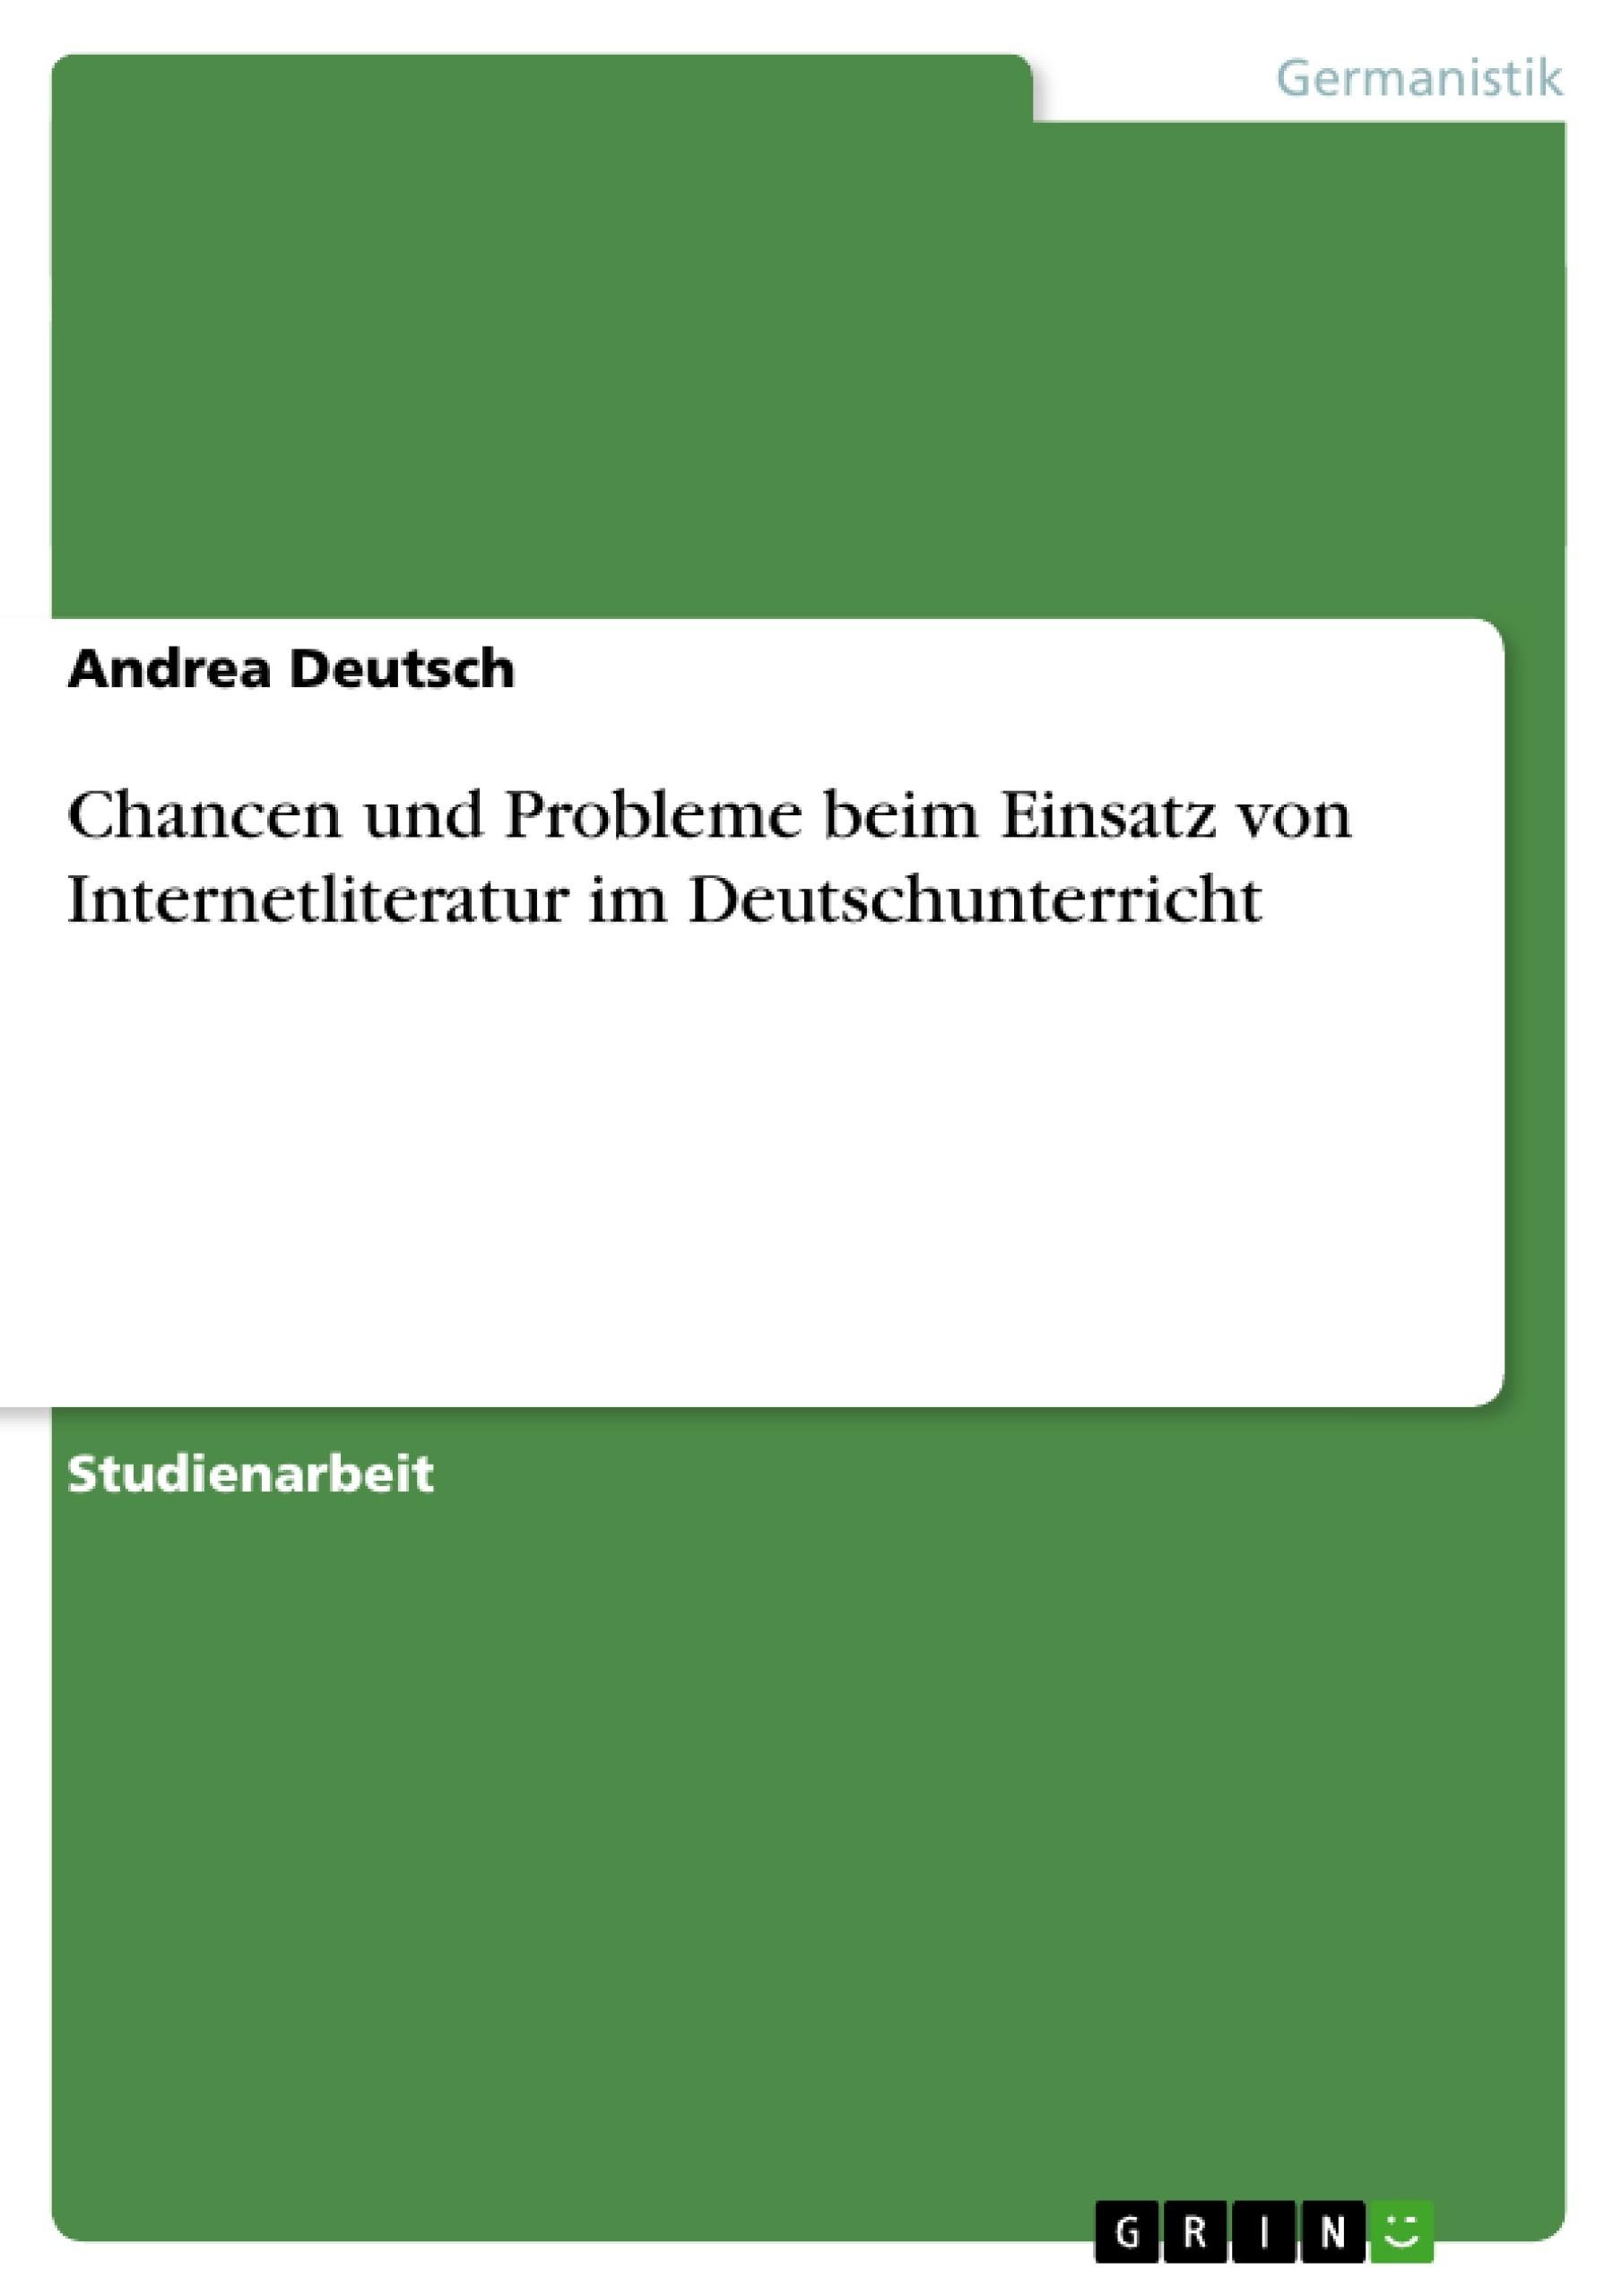 Titel: Chancen und Probleme beim Einsatz von Internetliteratur im Deutschunterricht